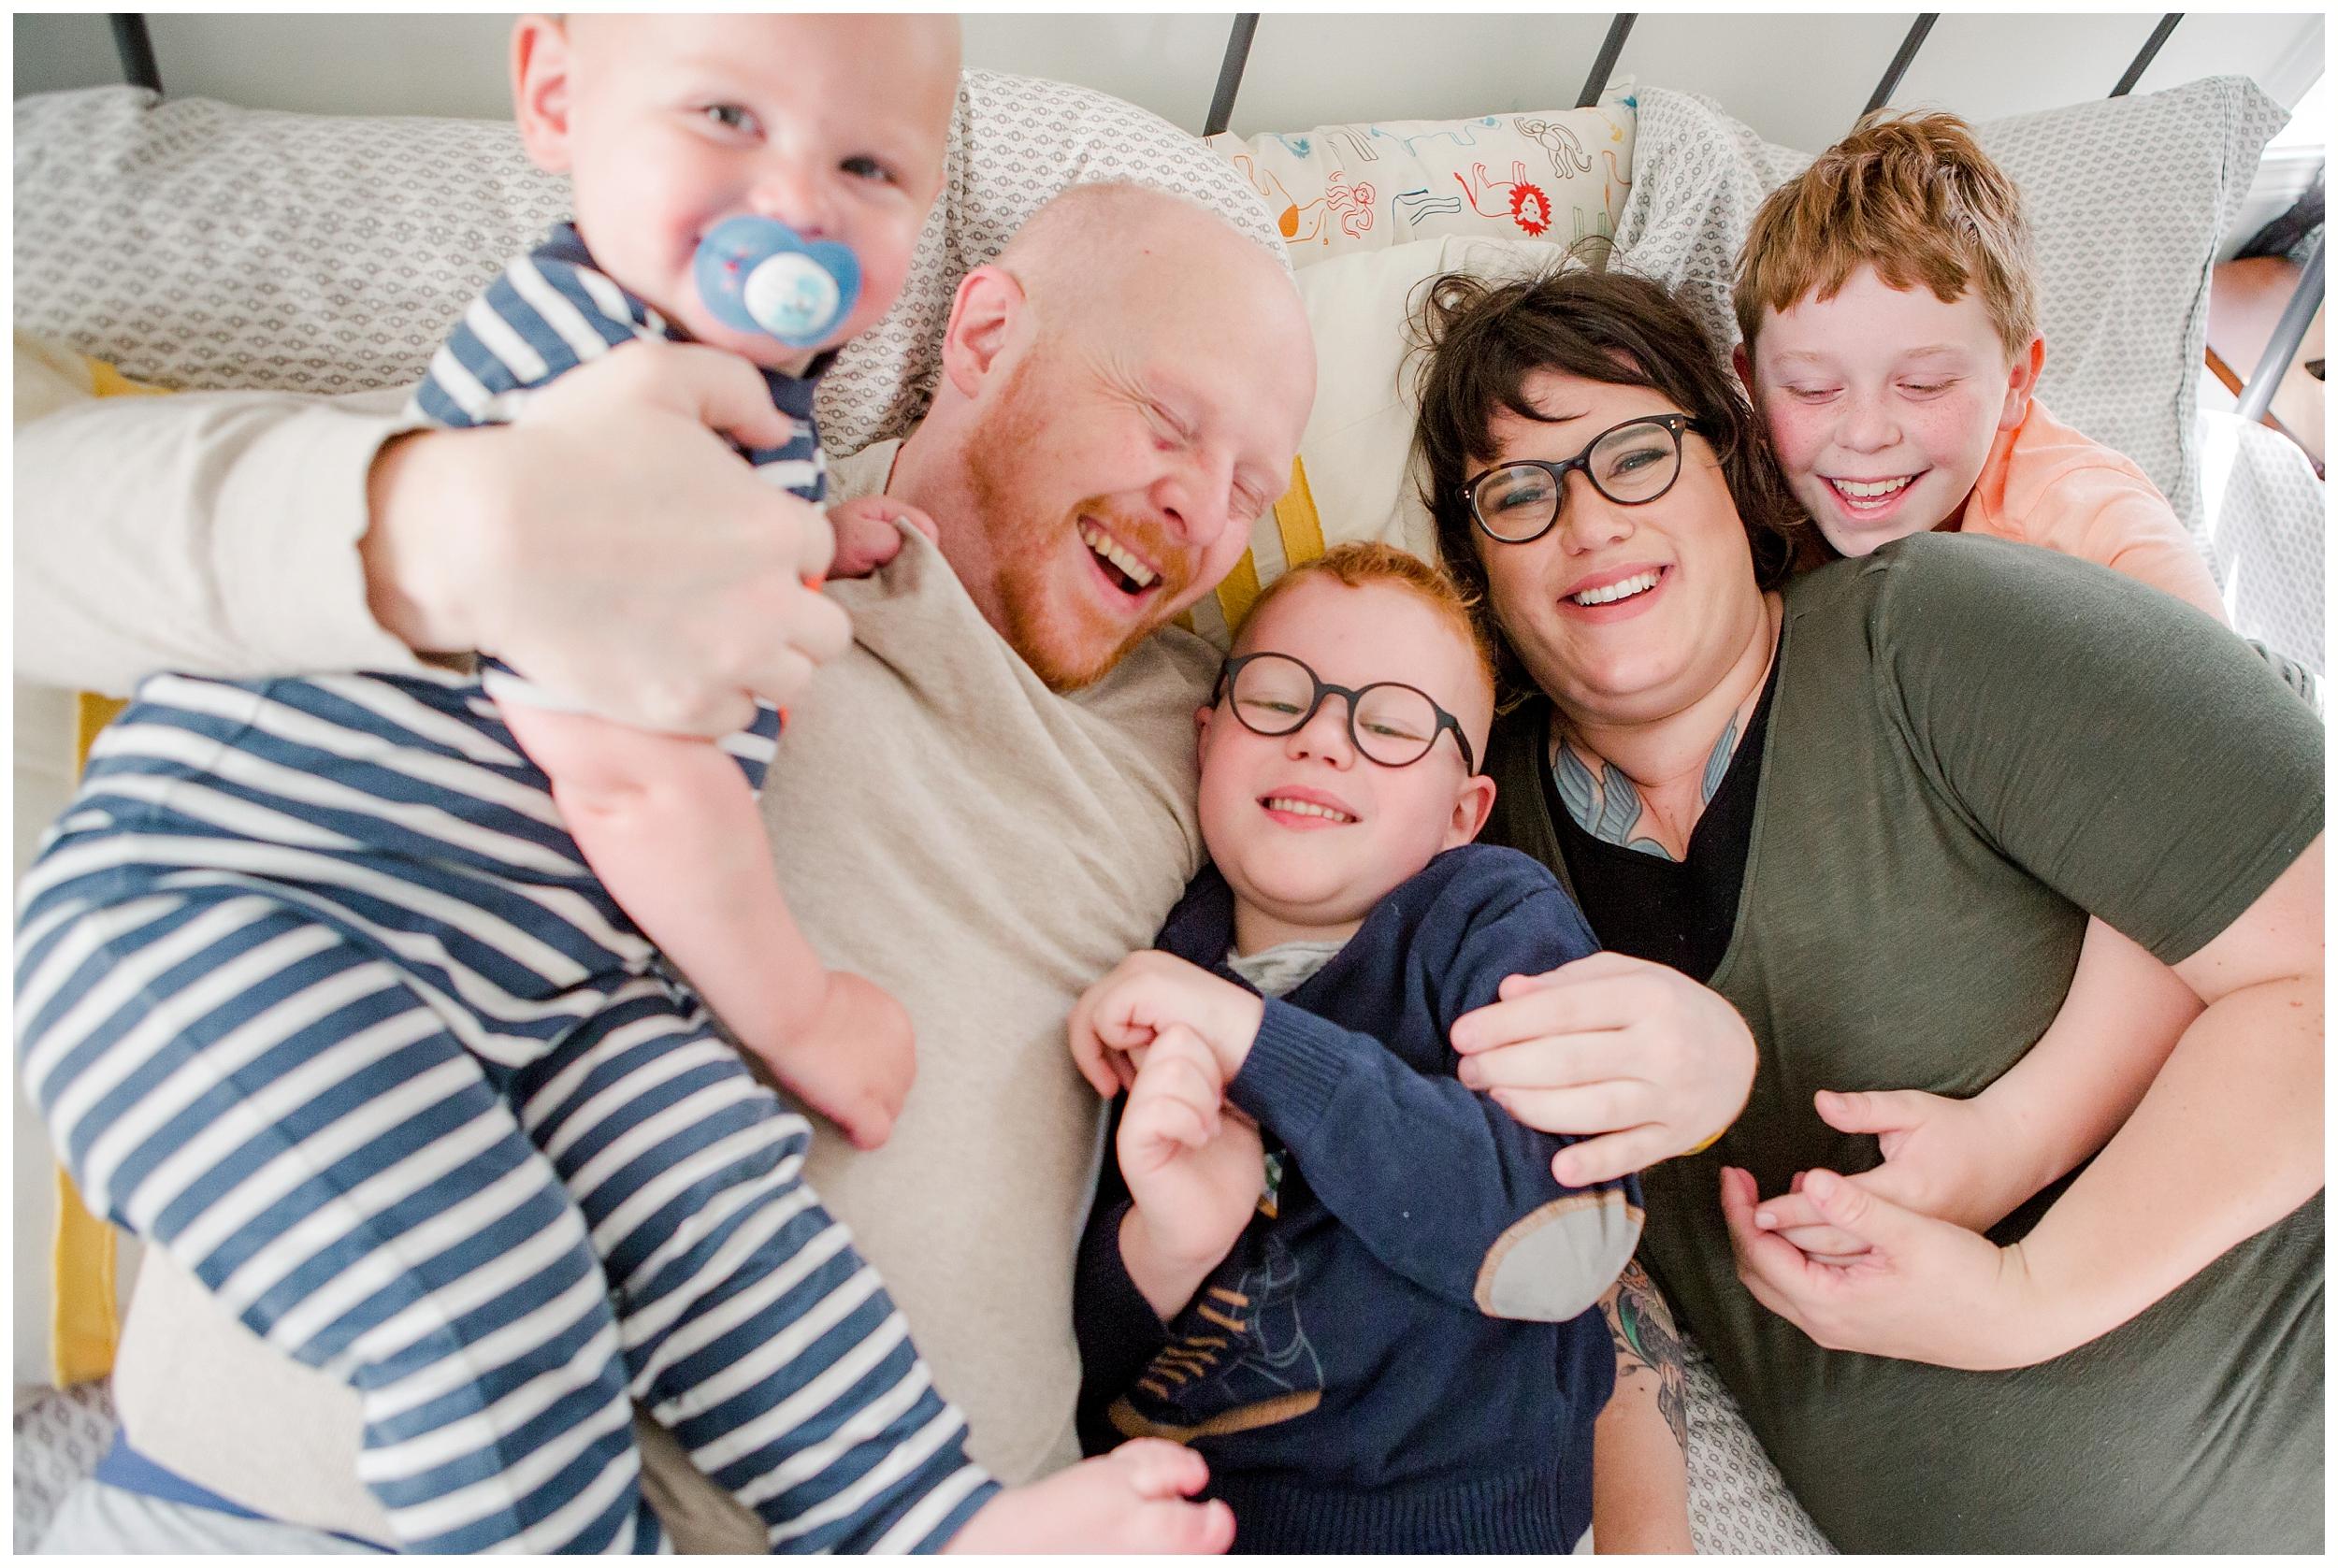 lexington-ky-family-lifestyle-photos-by-priscilla-baierlein_0155.jpg